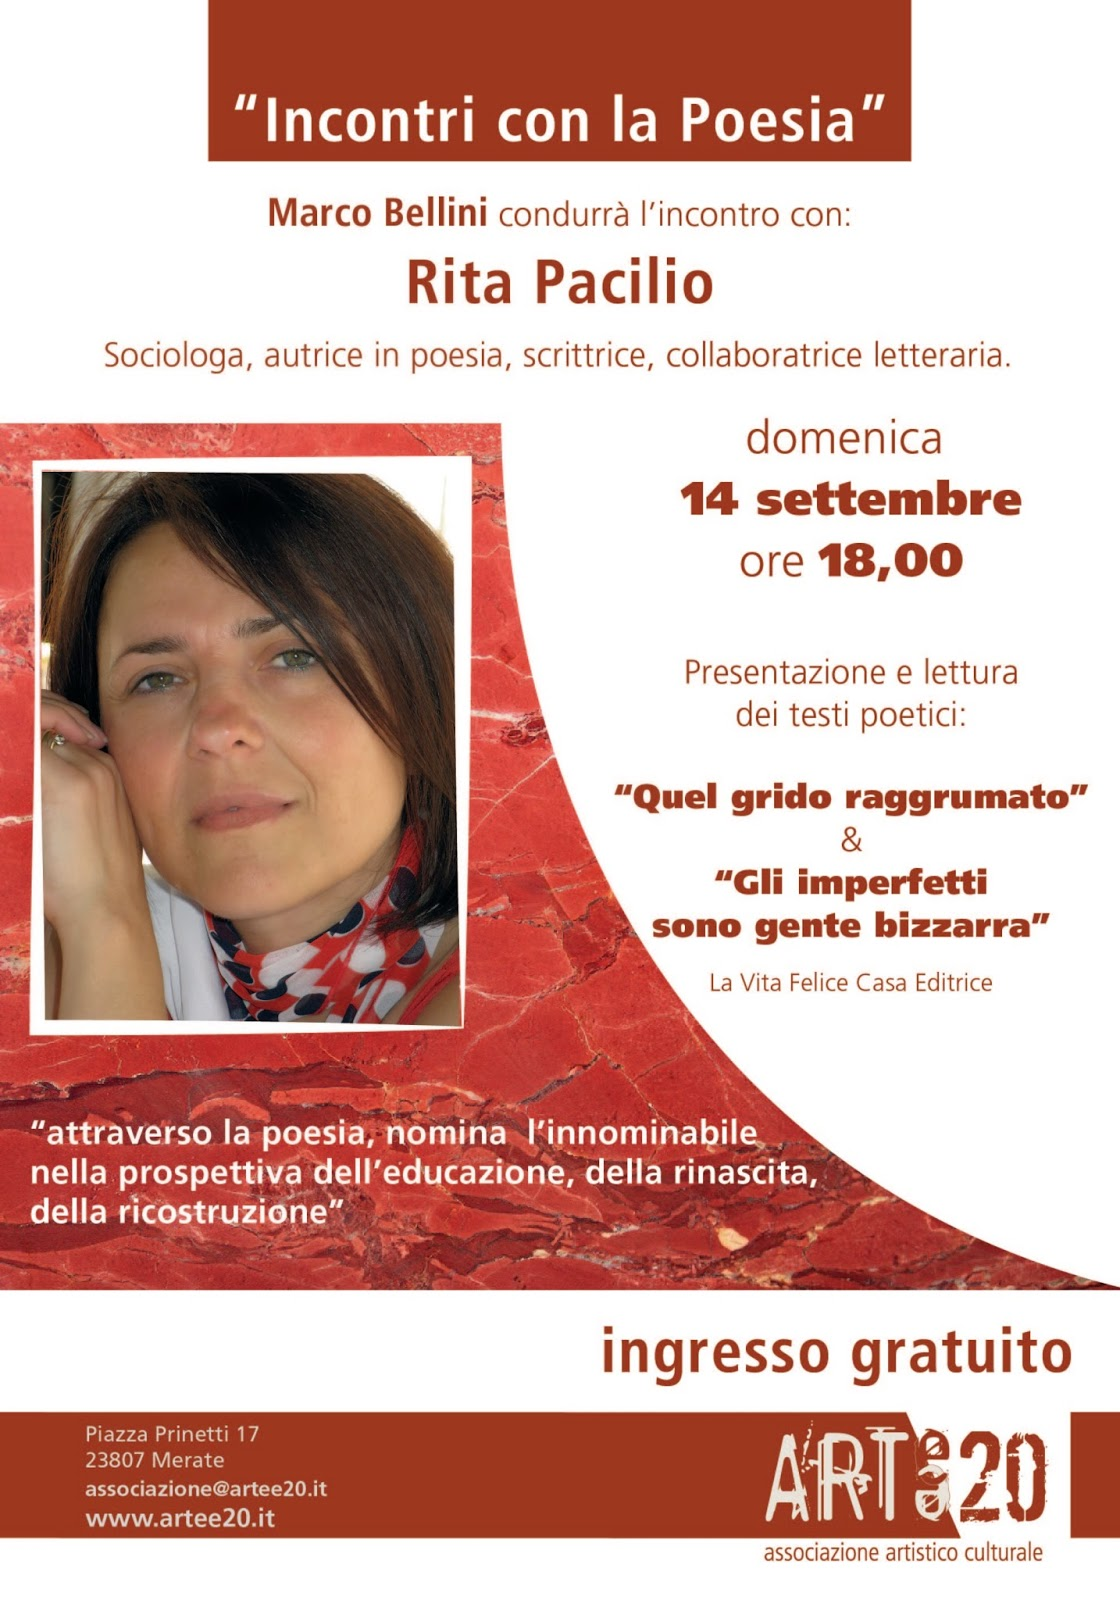 Poesia letteratura musica spettacolo settembre 2014 for Petrillo arredamenti